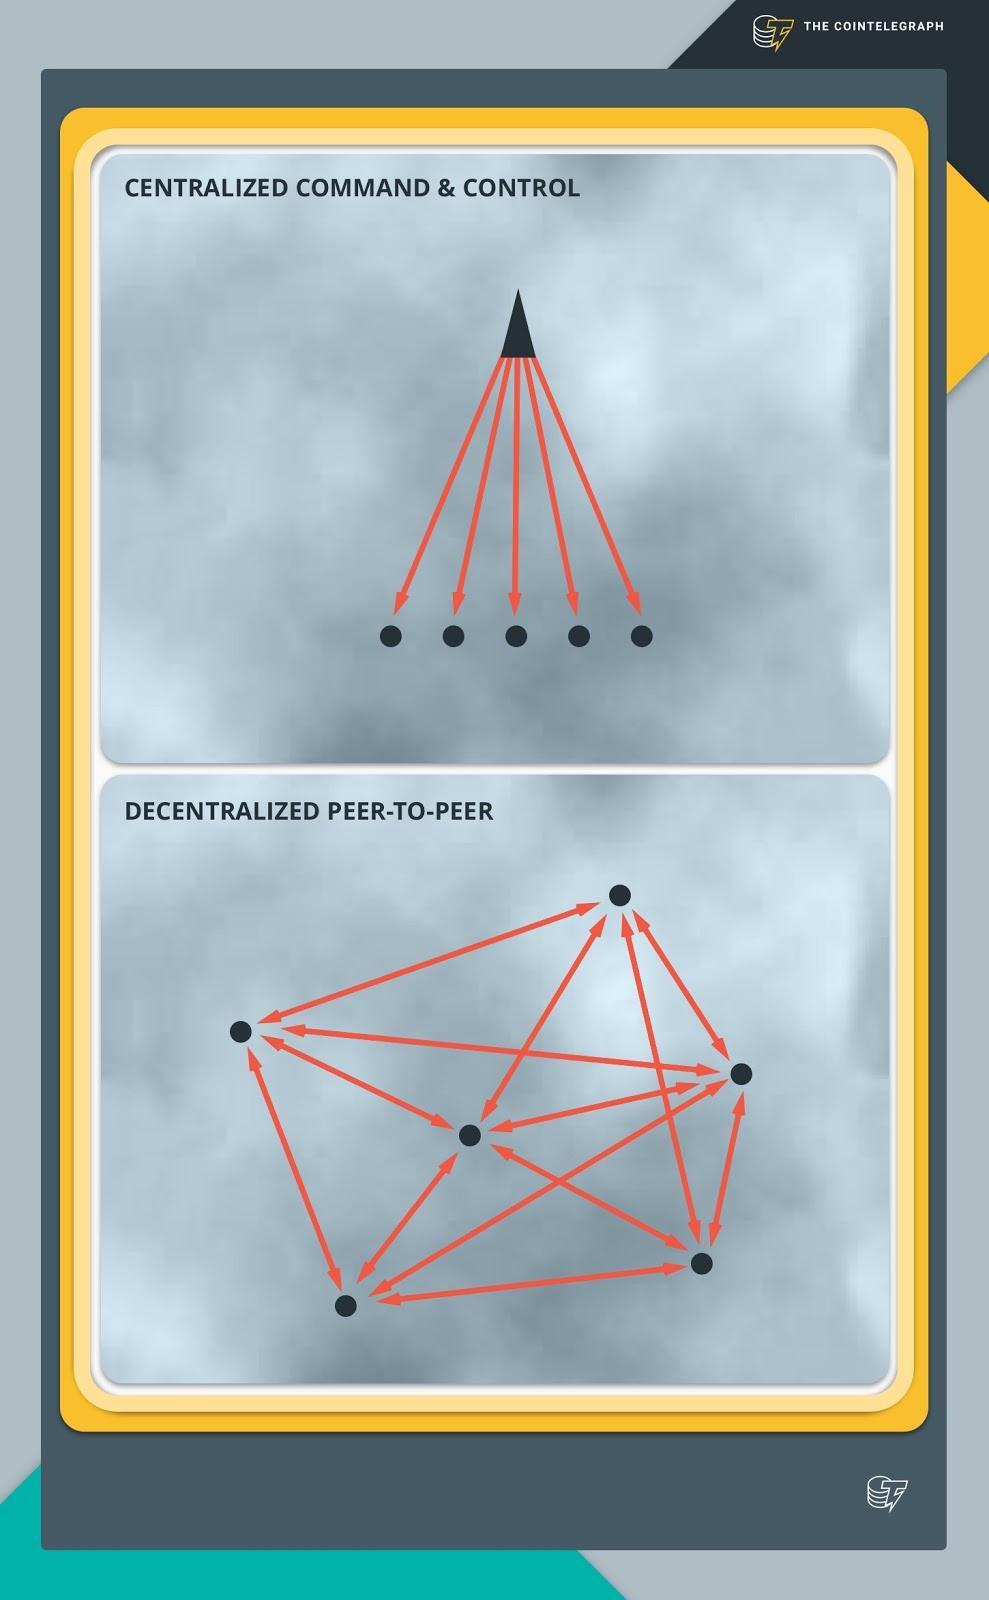 Peer-to-peer transmission explained